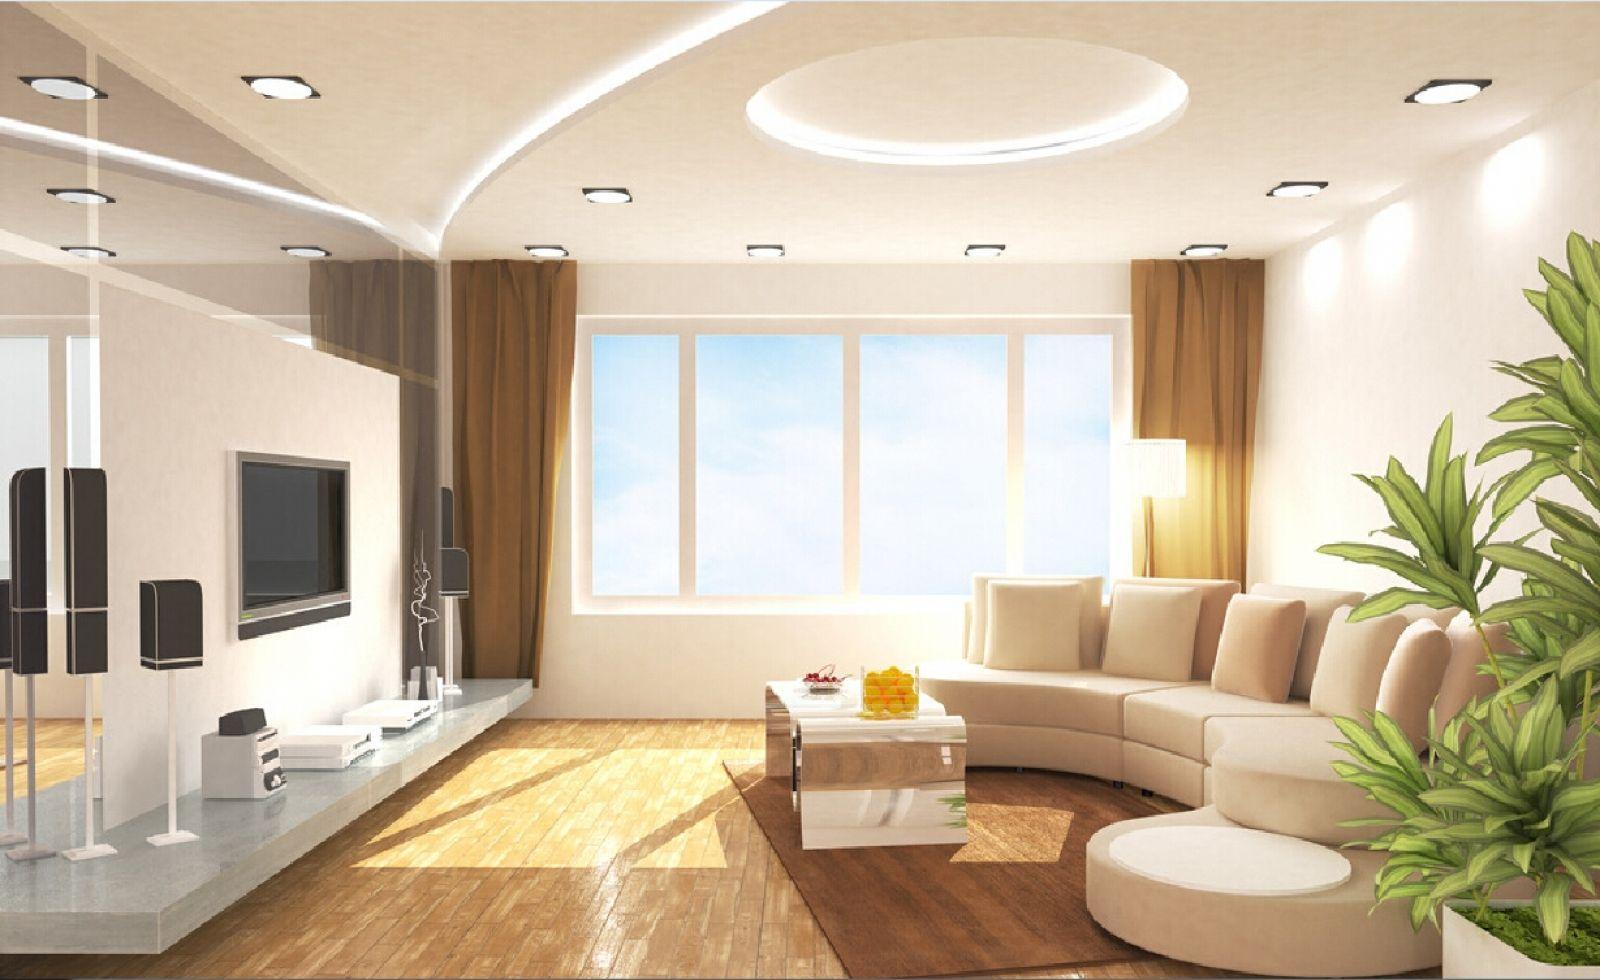 Светильники для гостиной: круглые светильники с металлической рамкой